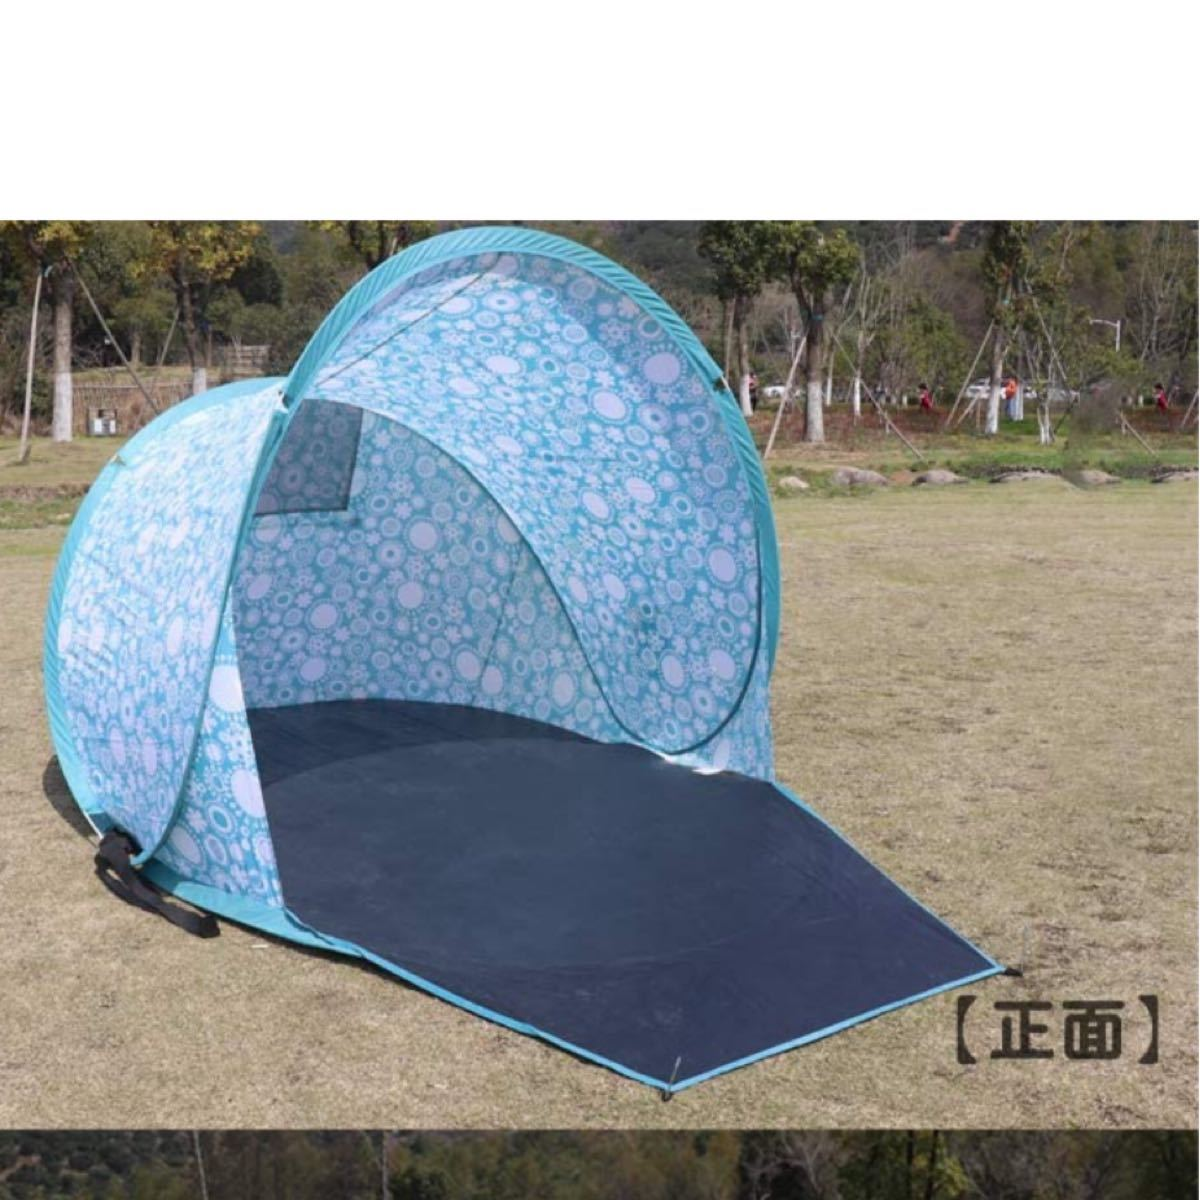 テント ワンタッチテント 2~4人用95%UVカットUPF50+ 防水